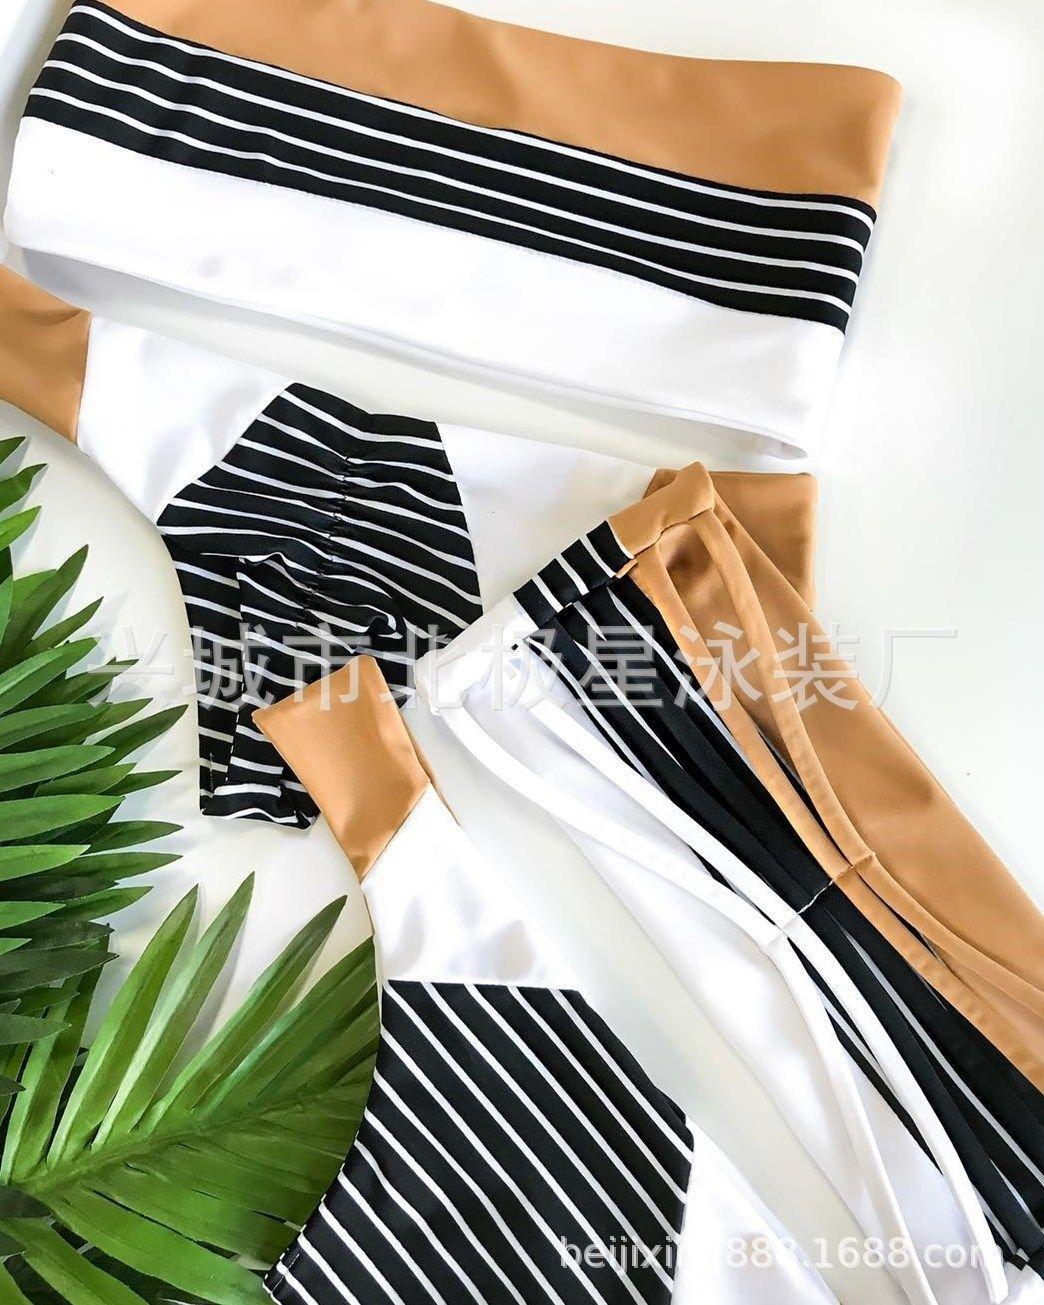 pUuic nylon 2020 listrado das mulheres impressos divisão triângulo novo 2020 swimsuit do biquini Biquini listrado impressa triângulo divisão das mulheres maiô novo n